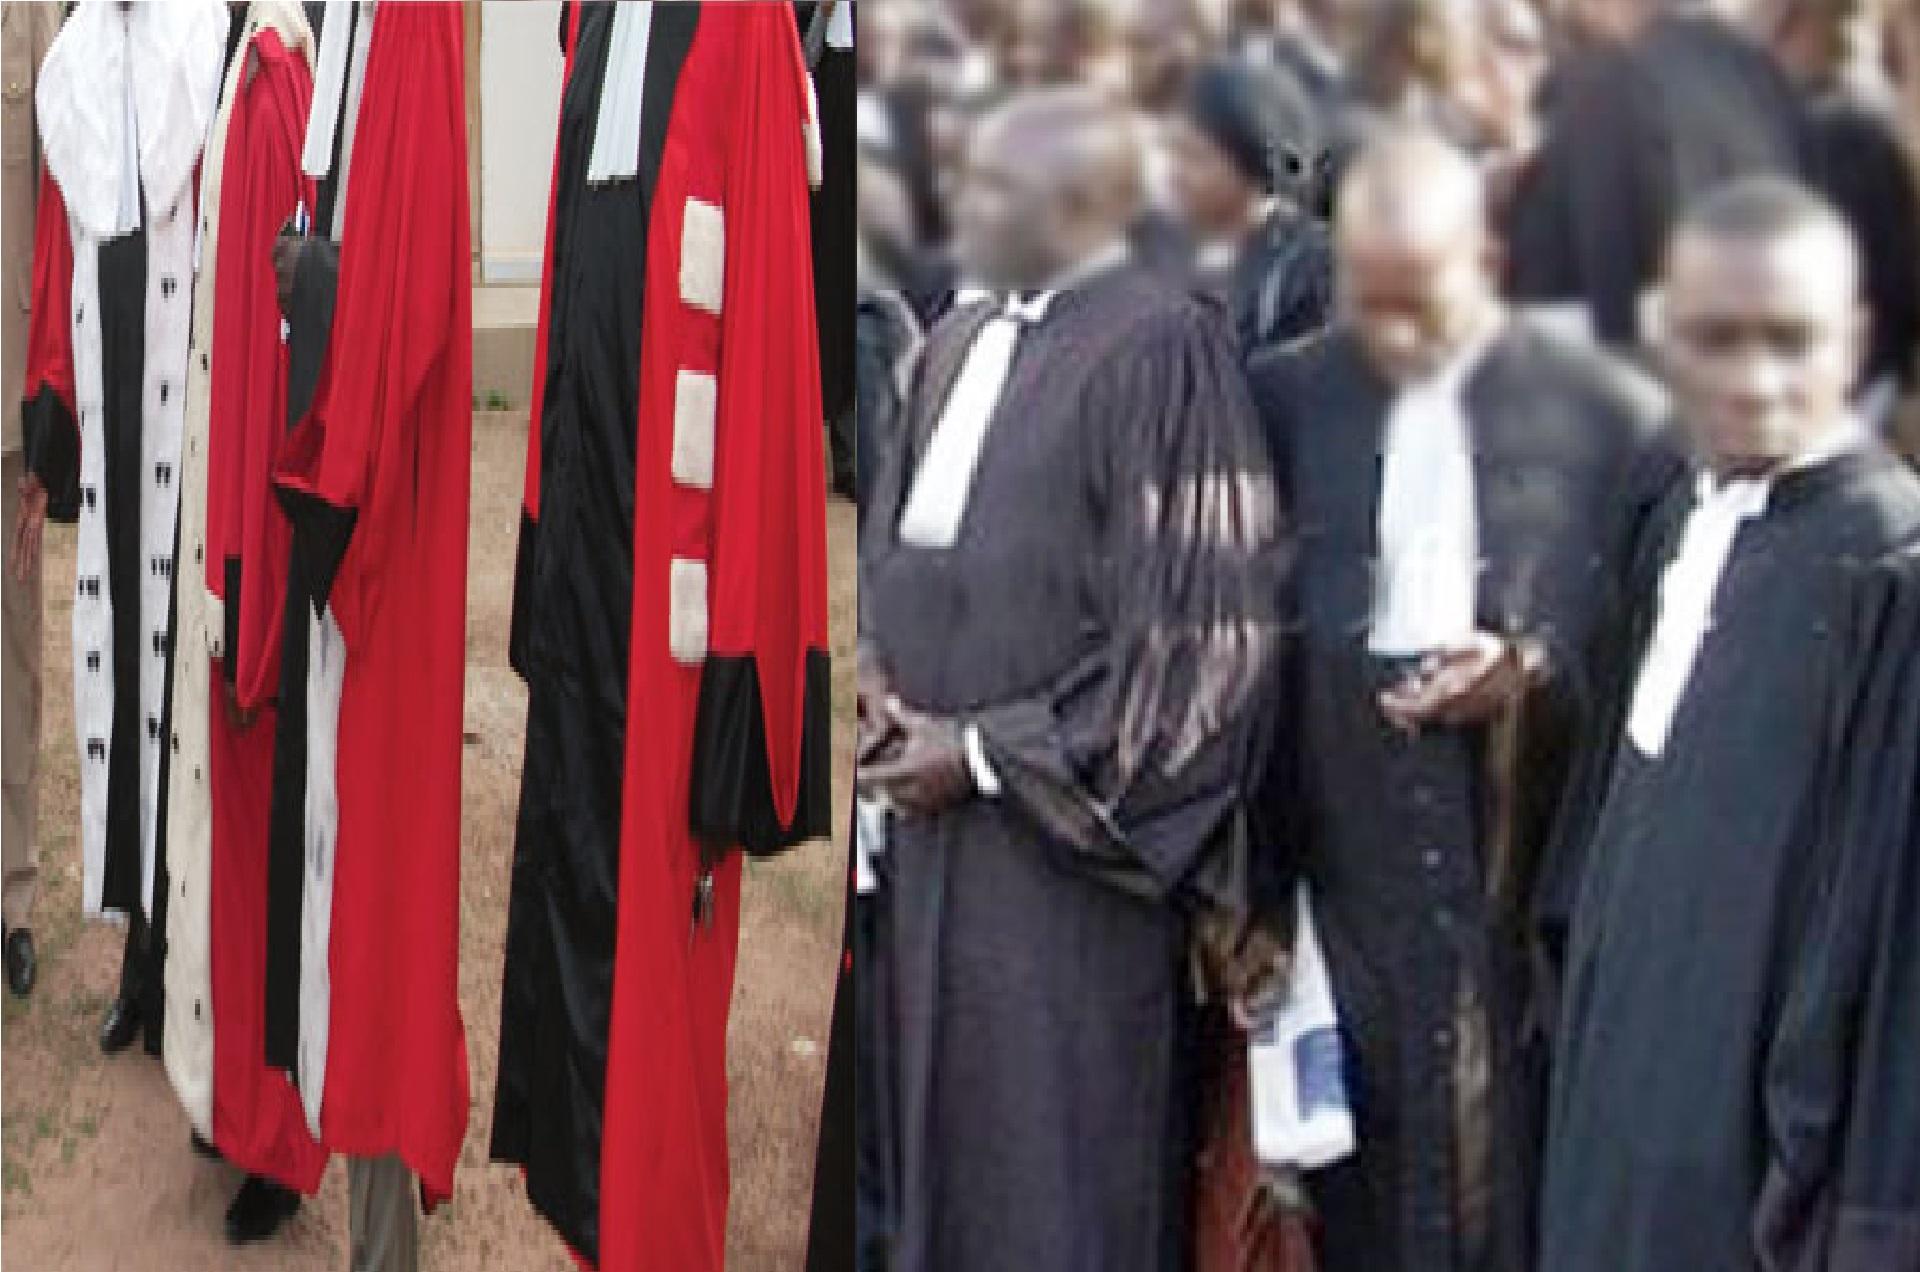 Guerre des robes au Palais de Justice : L'Ums sert une sommation interpellative à Mame Adama Guèye...le Barreau porte le combat